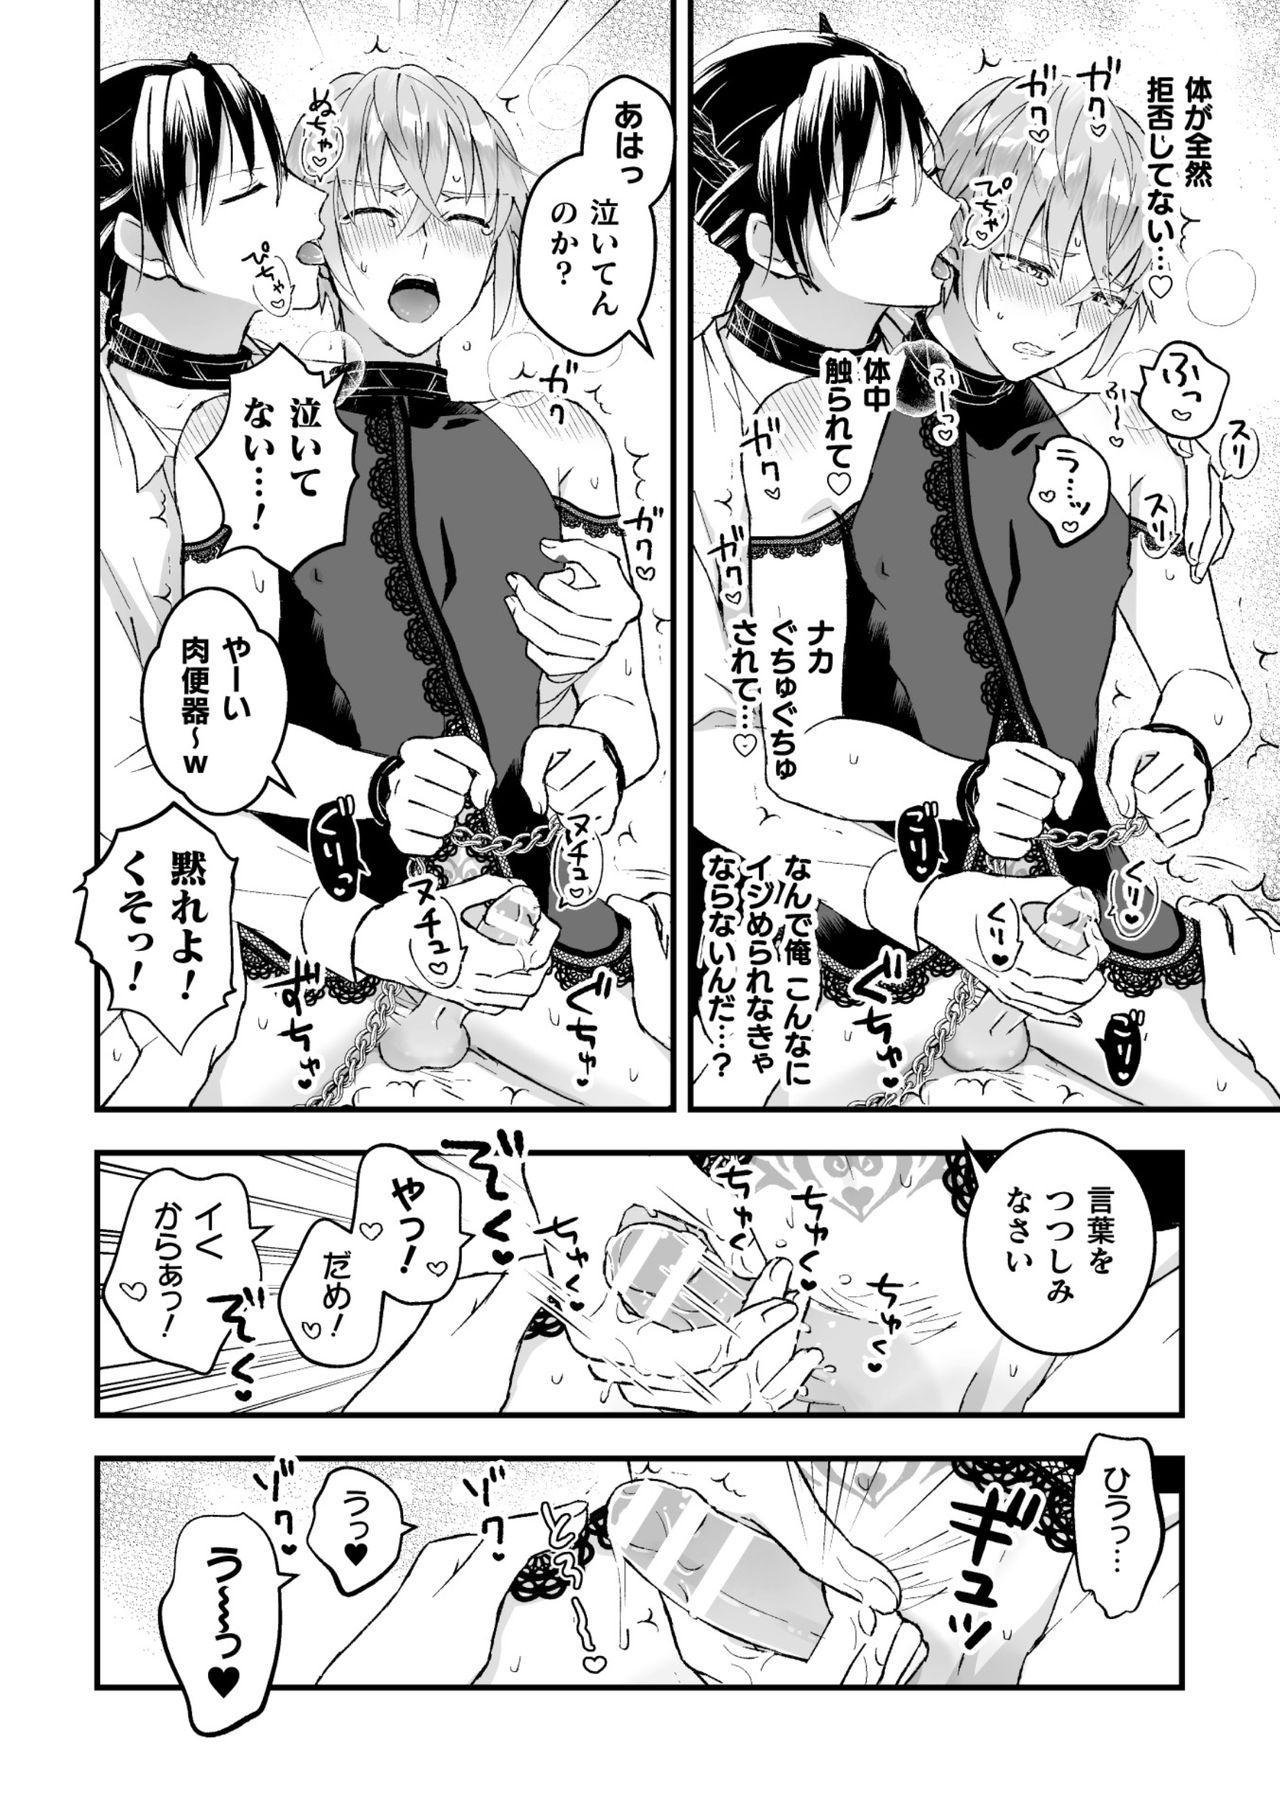 """Otoko Kishi ga """"Ku, Korose!"""" tte Iu kara Mesu Choukyou Shitemita Ch. 3 15"""